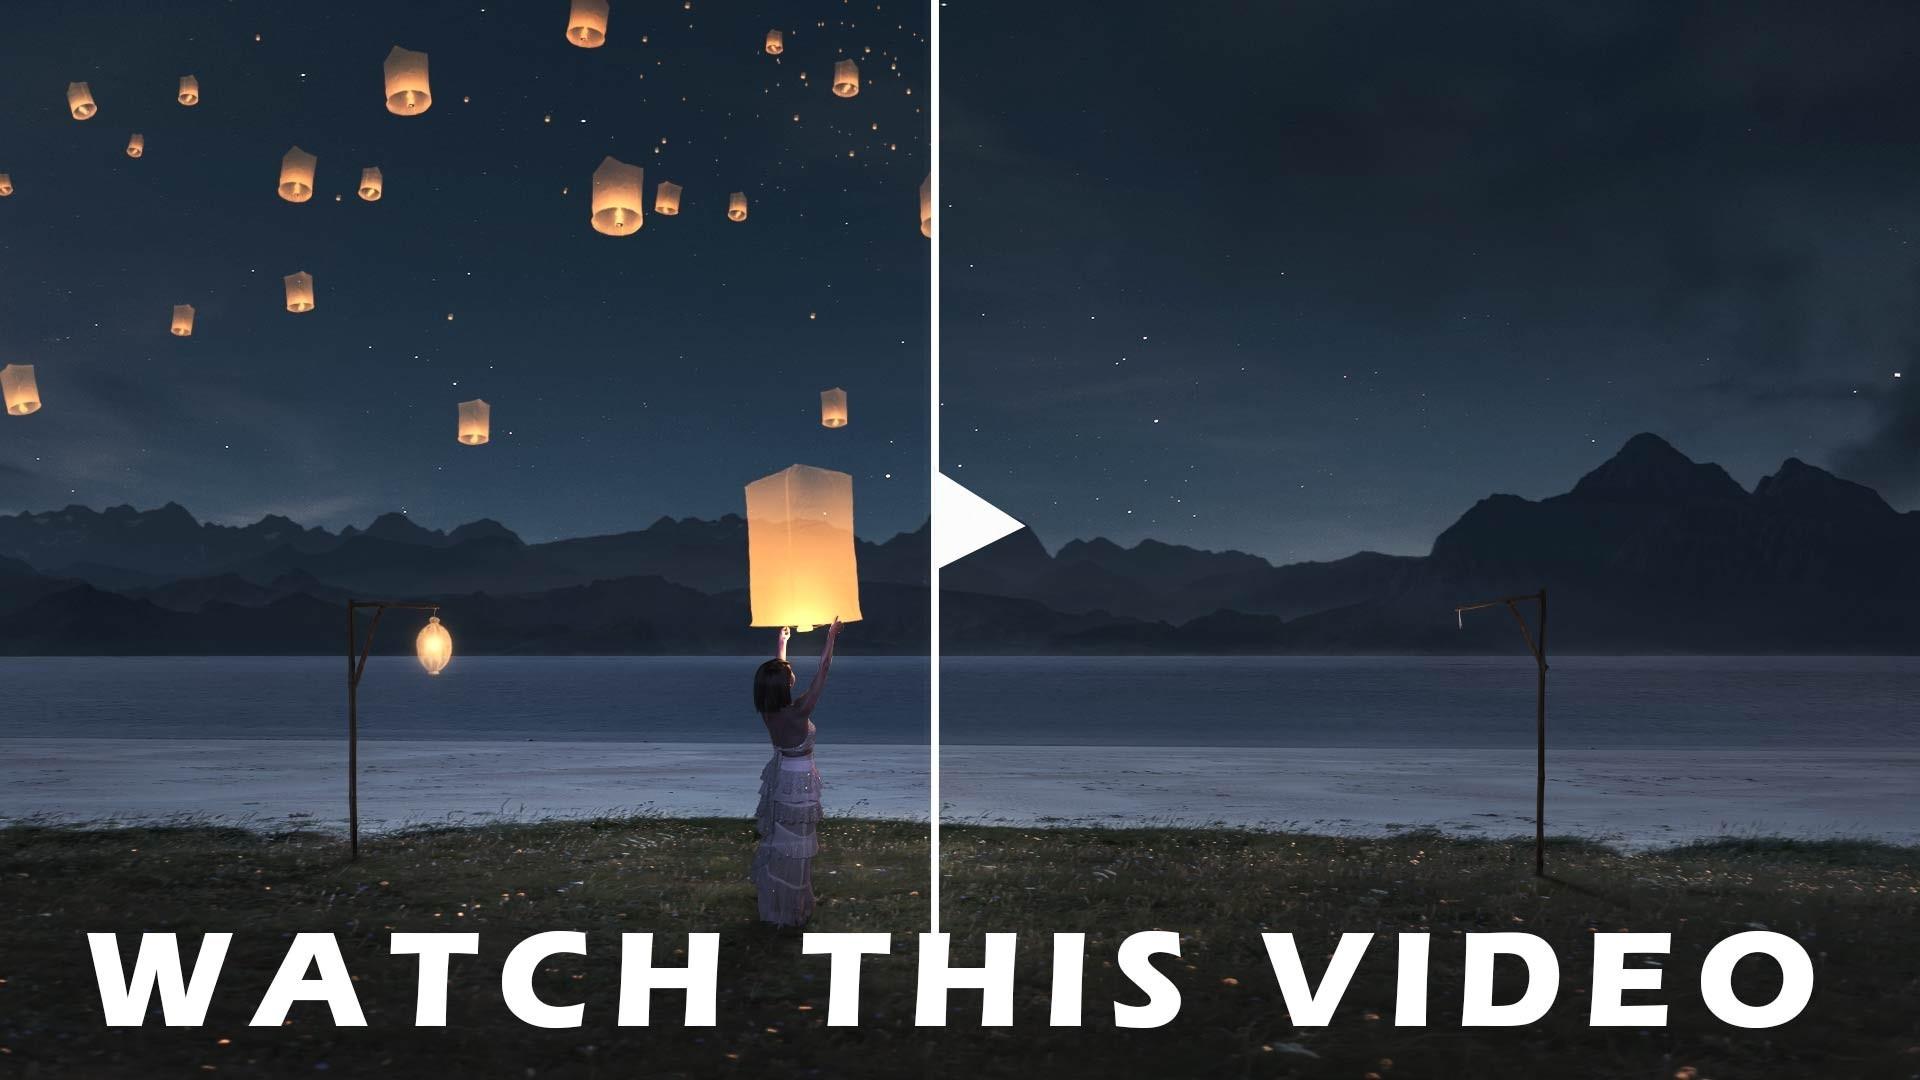 UaqhLFzVS3yKUObbUvSi Thumb video